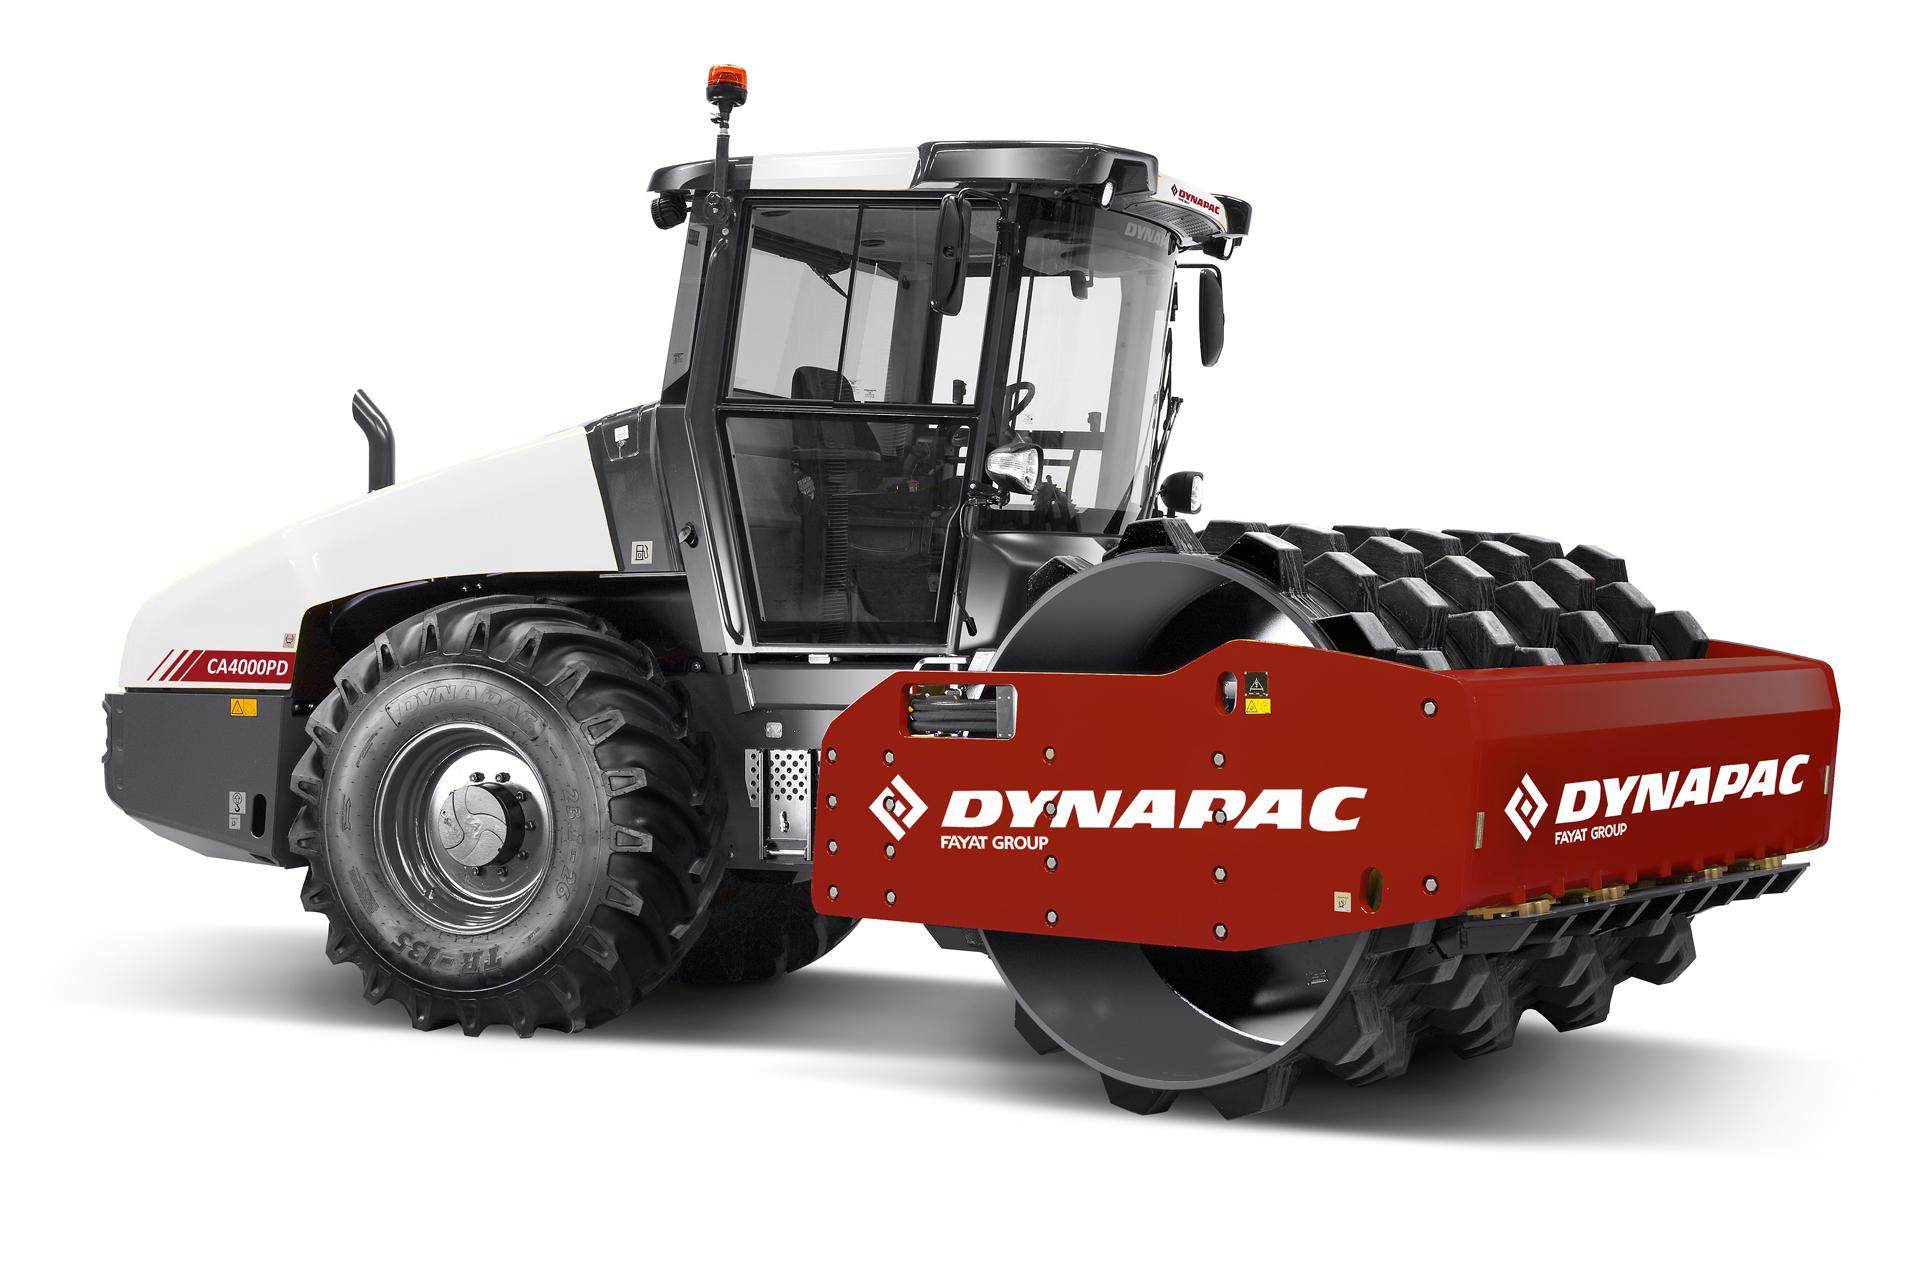 Dynapac Dynapac CA4000PD